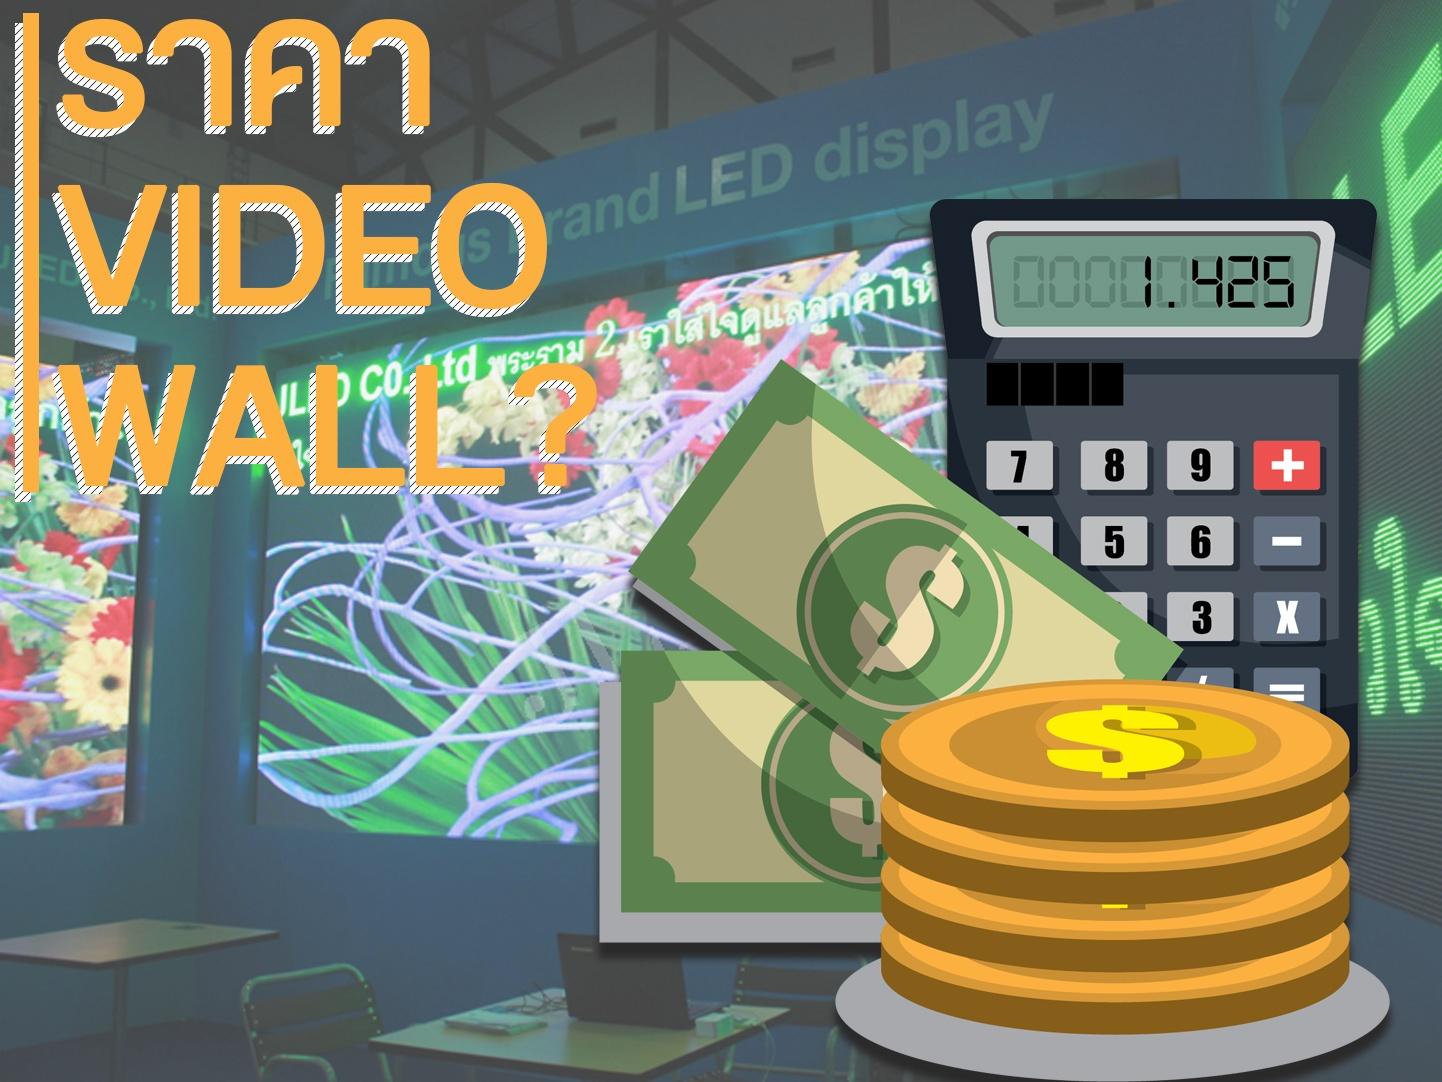 ราคา VIDEO WALL ? led display led screen